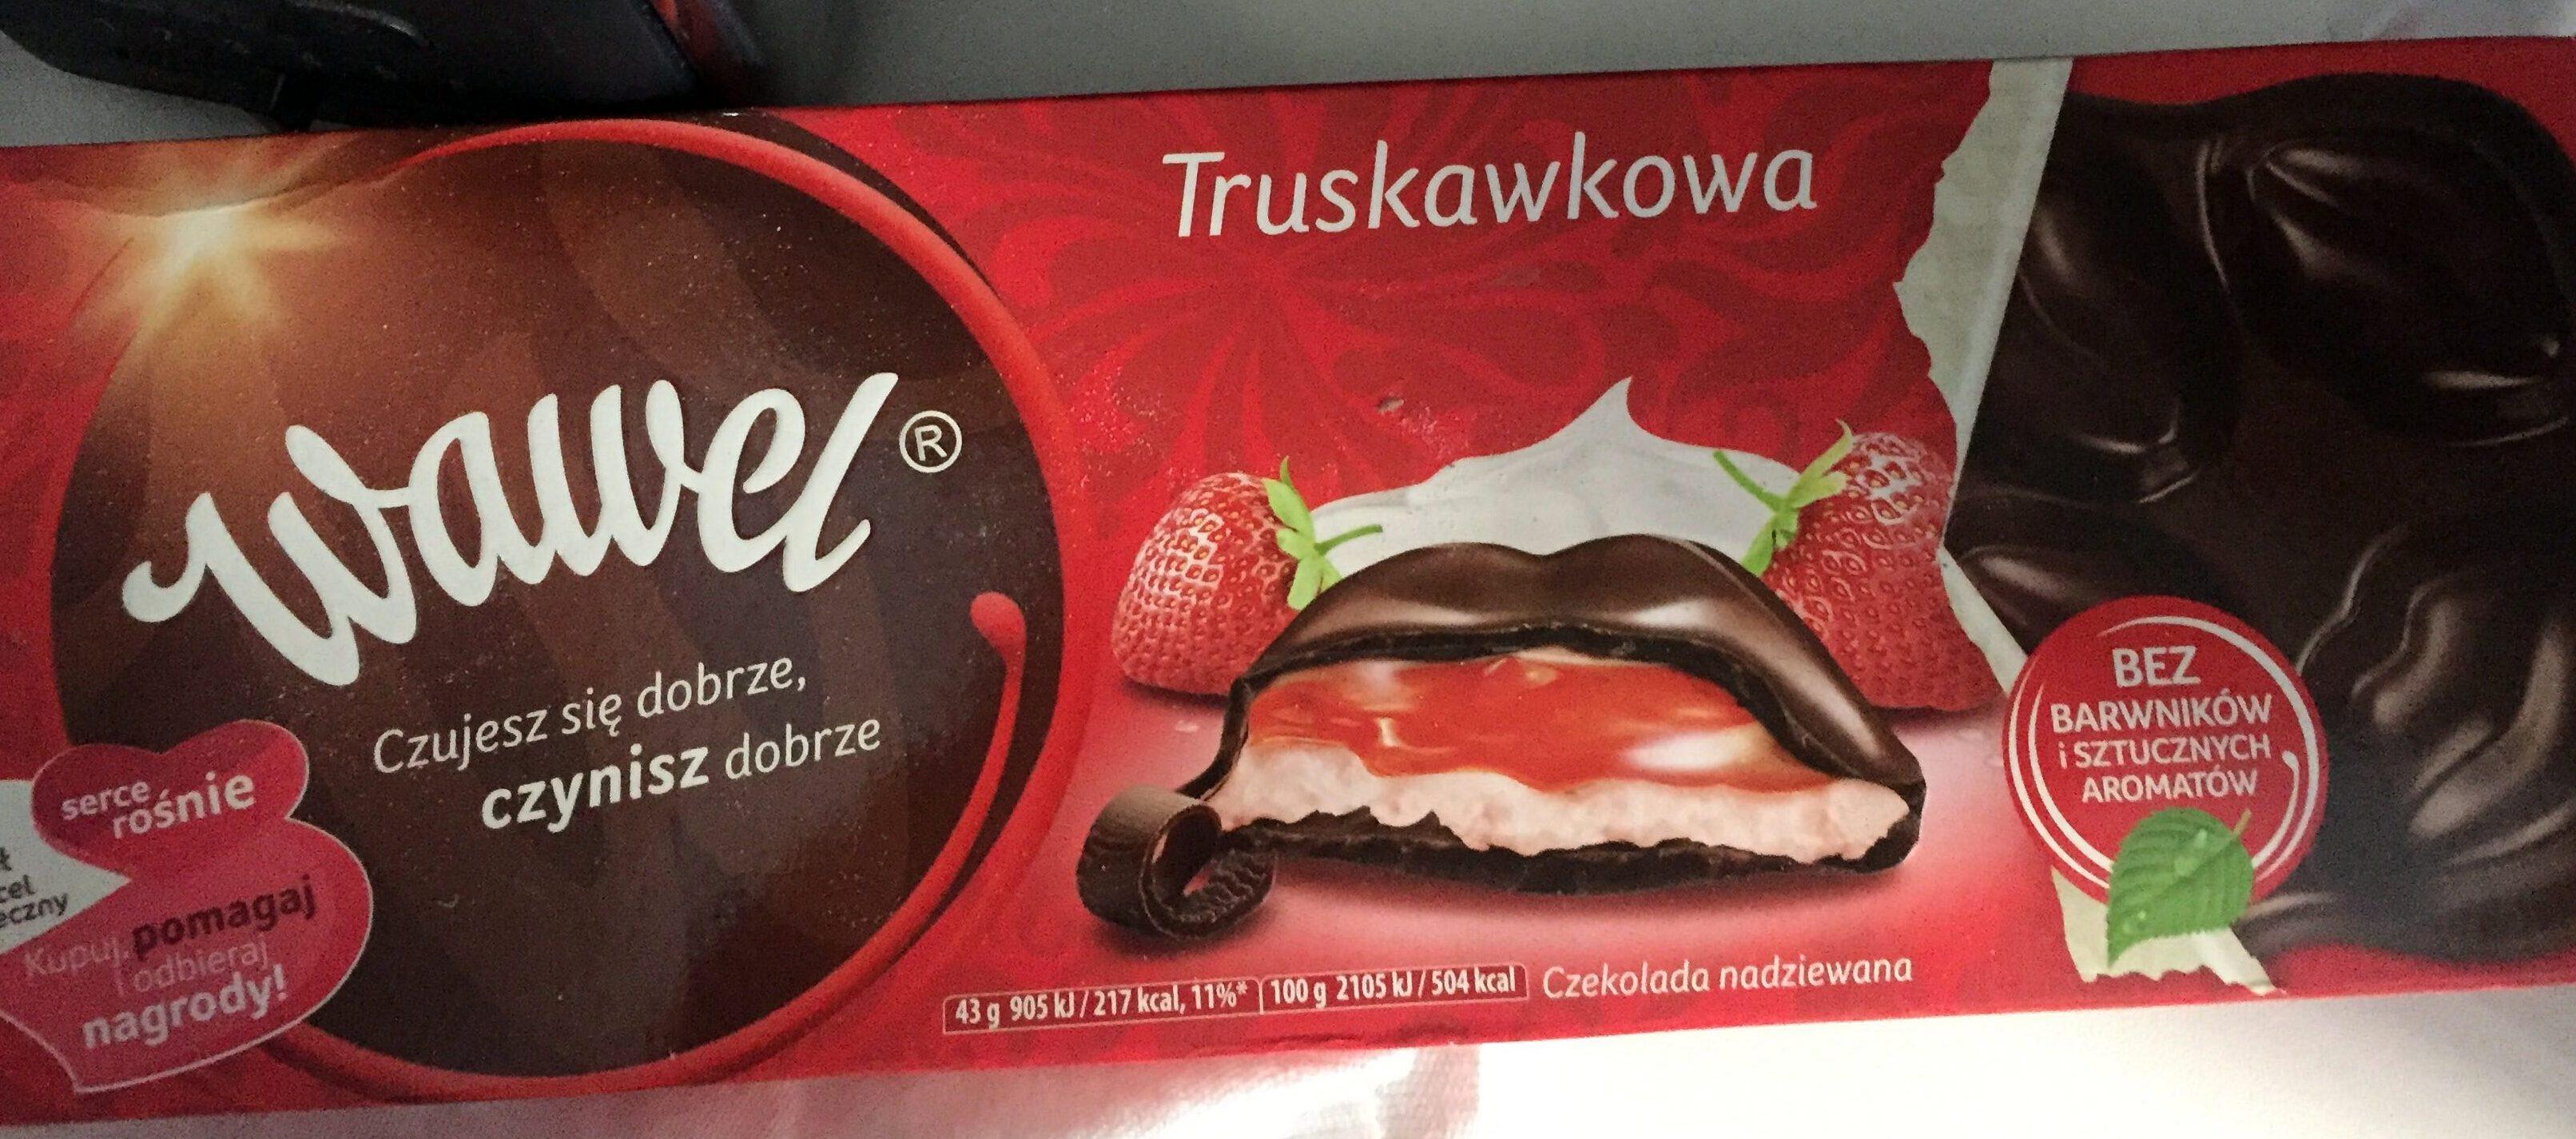 Truskawkowa czekolada nadziewana - Product - en